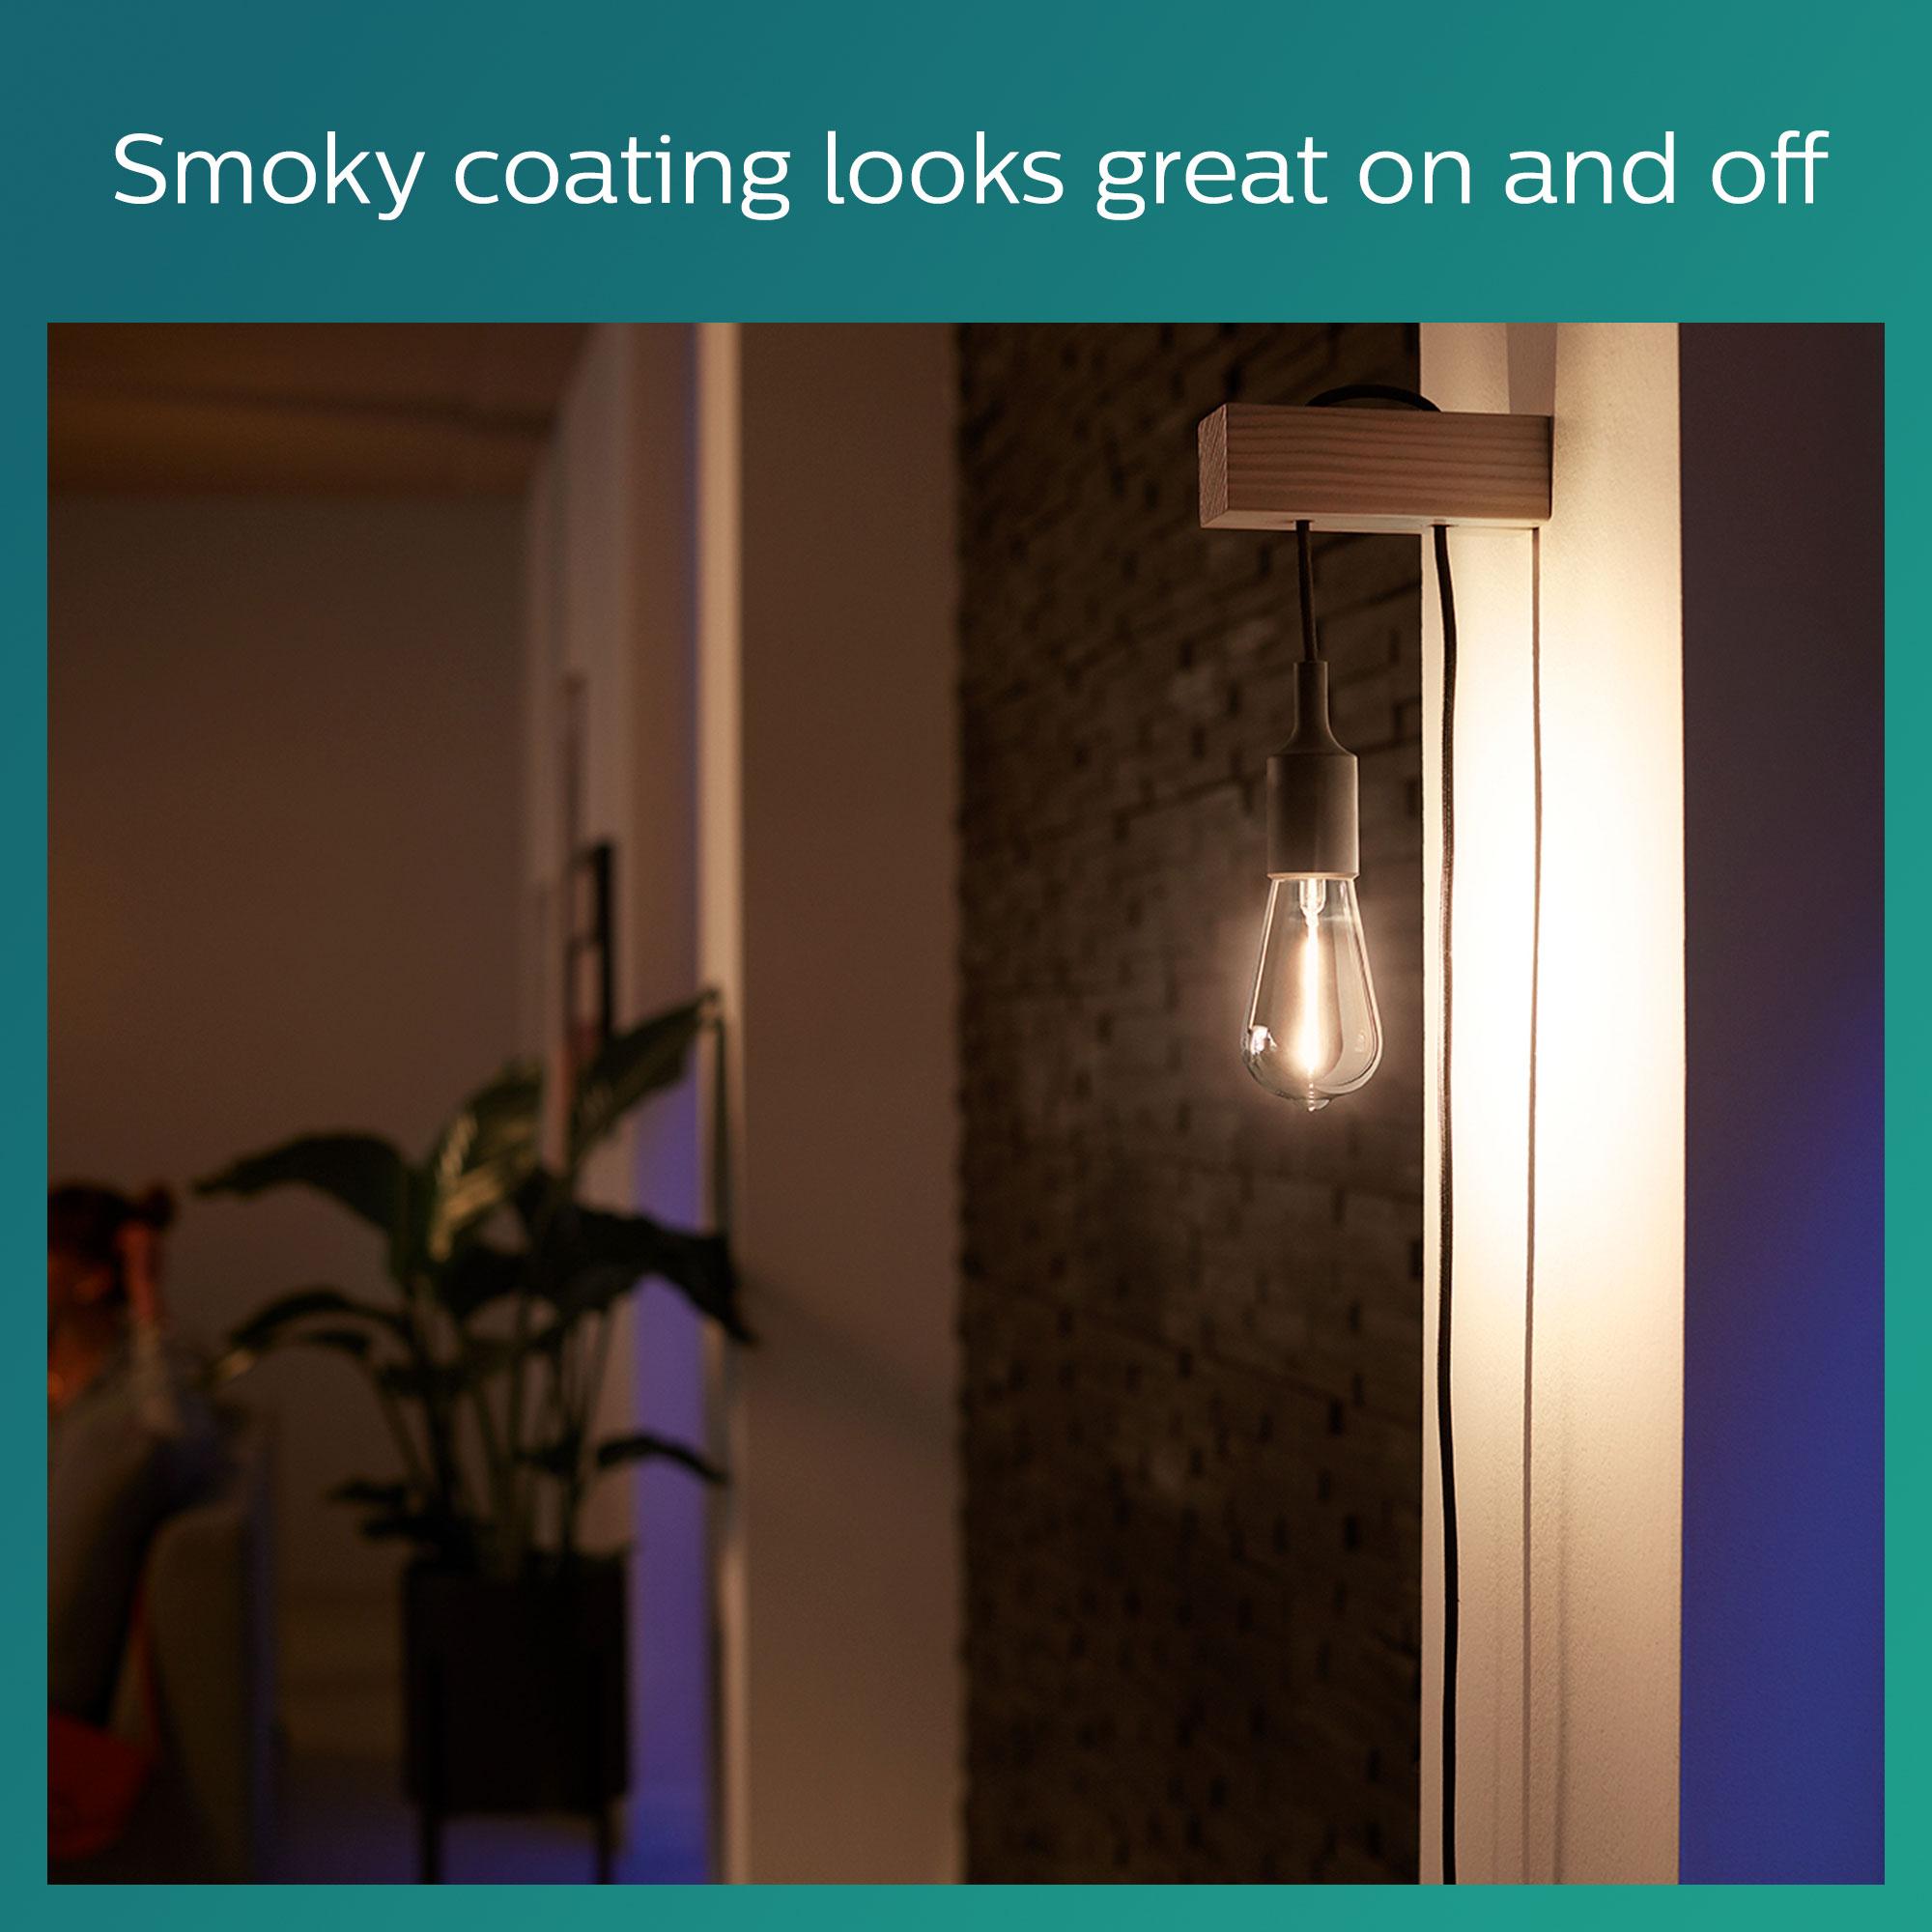 Philips LED classic E27 2,3W 100lm 1800K Edison Gefumeerde coating